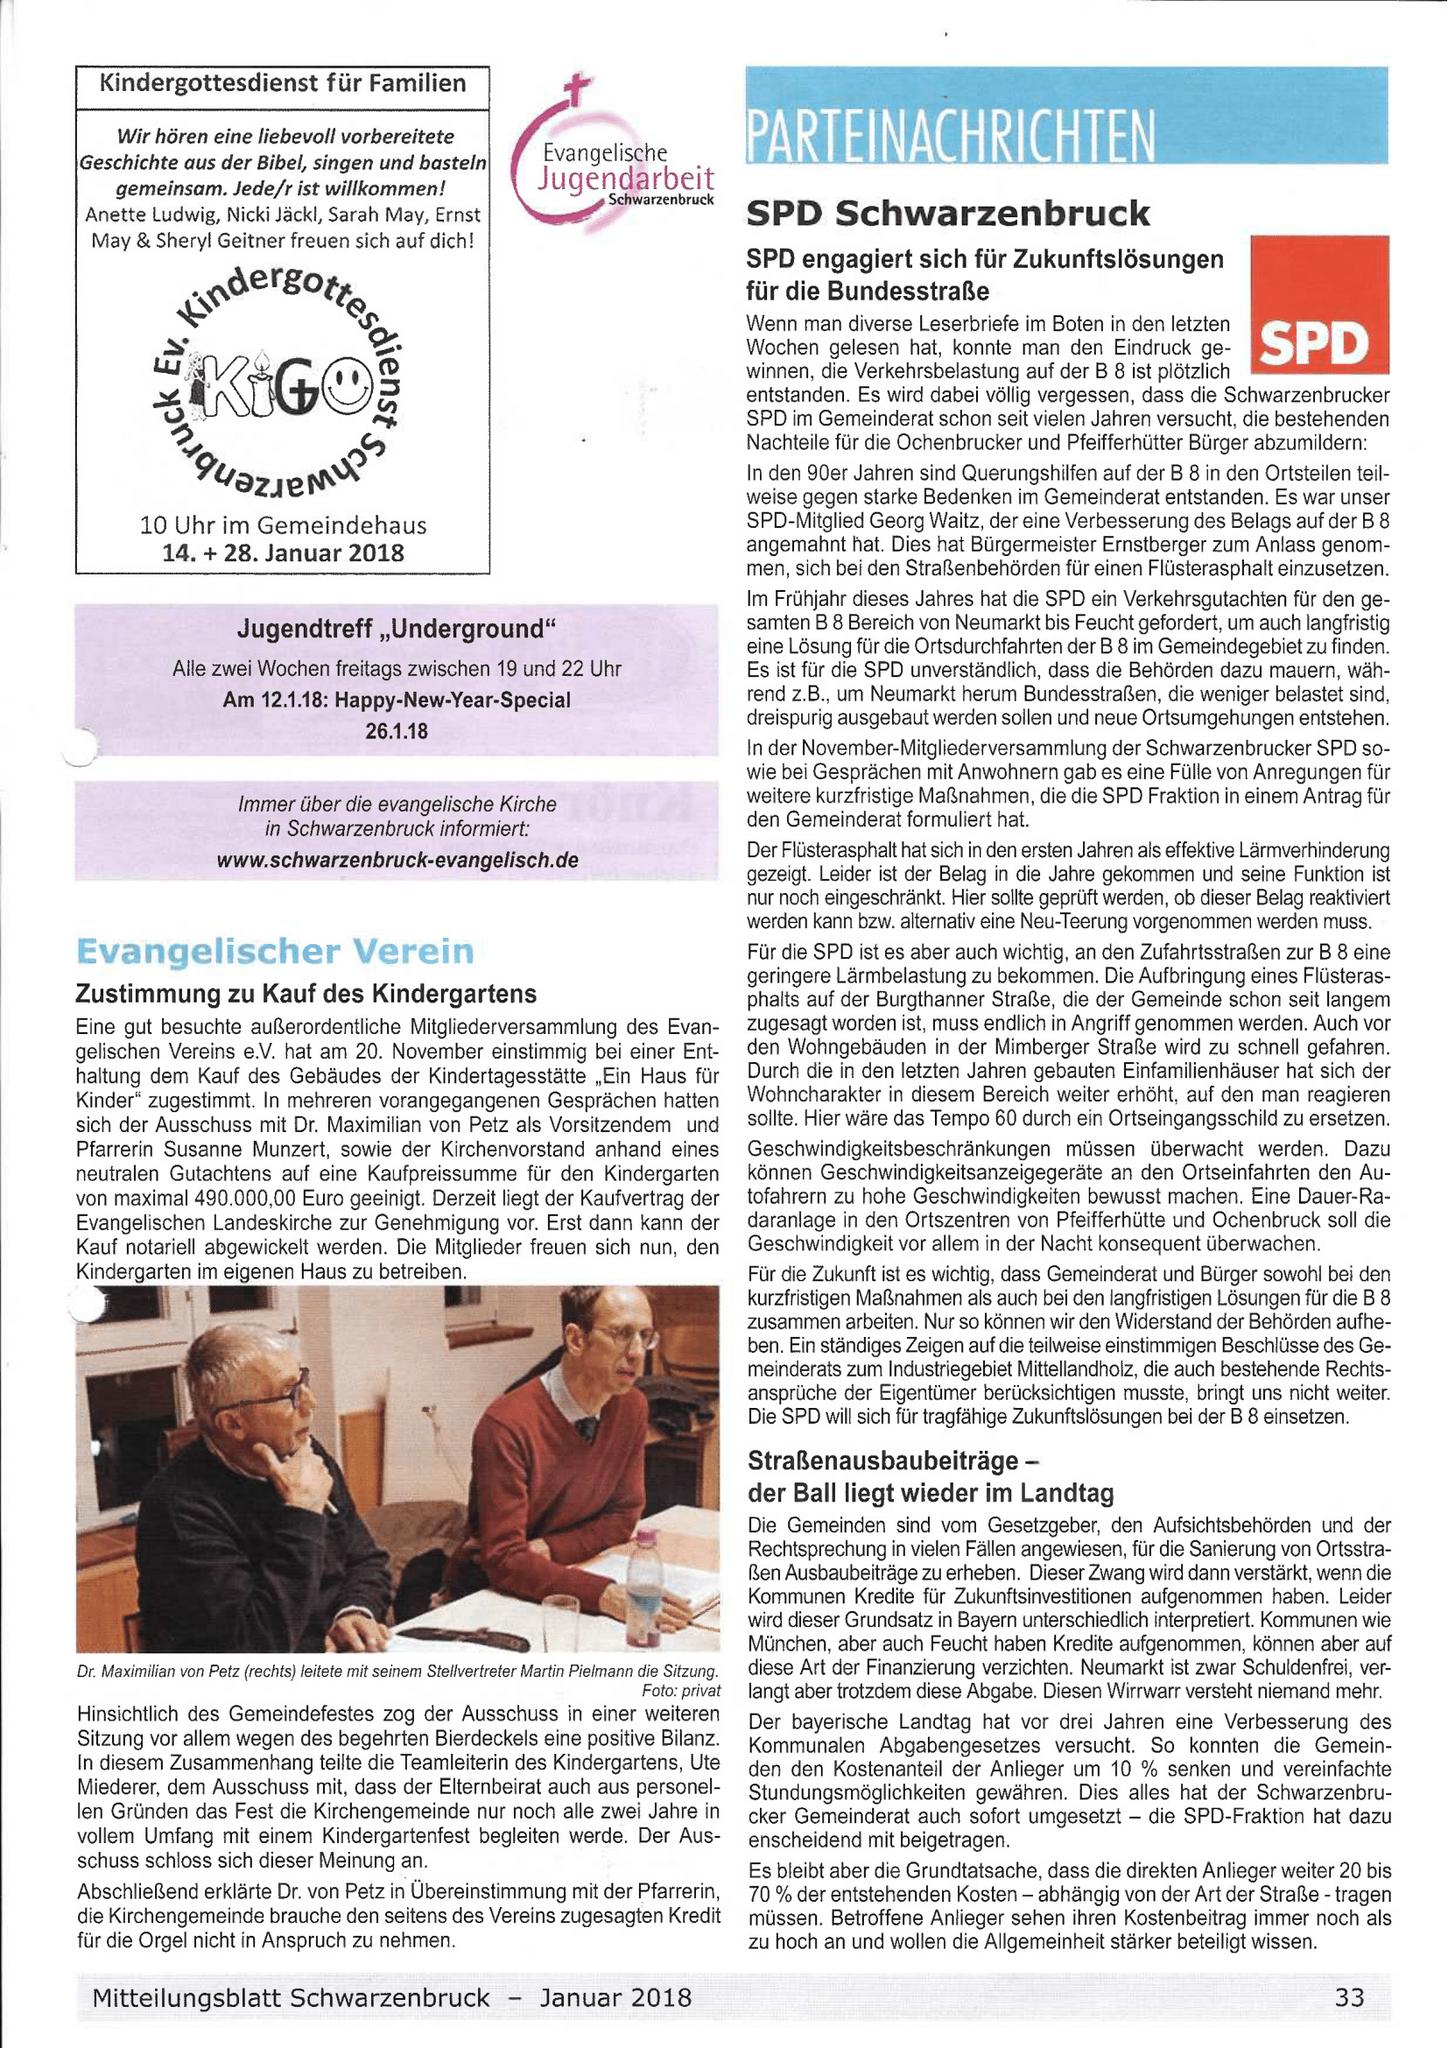 Aus dem Mitteilungsblatt Januar 2018 - SPD engangiert sich für Zukunftslösungen © Mitteilungsblatt Schwarzenbruck